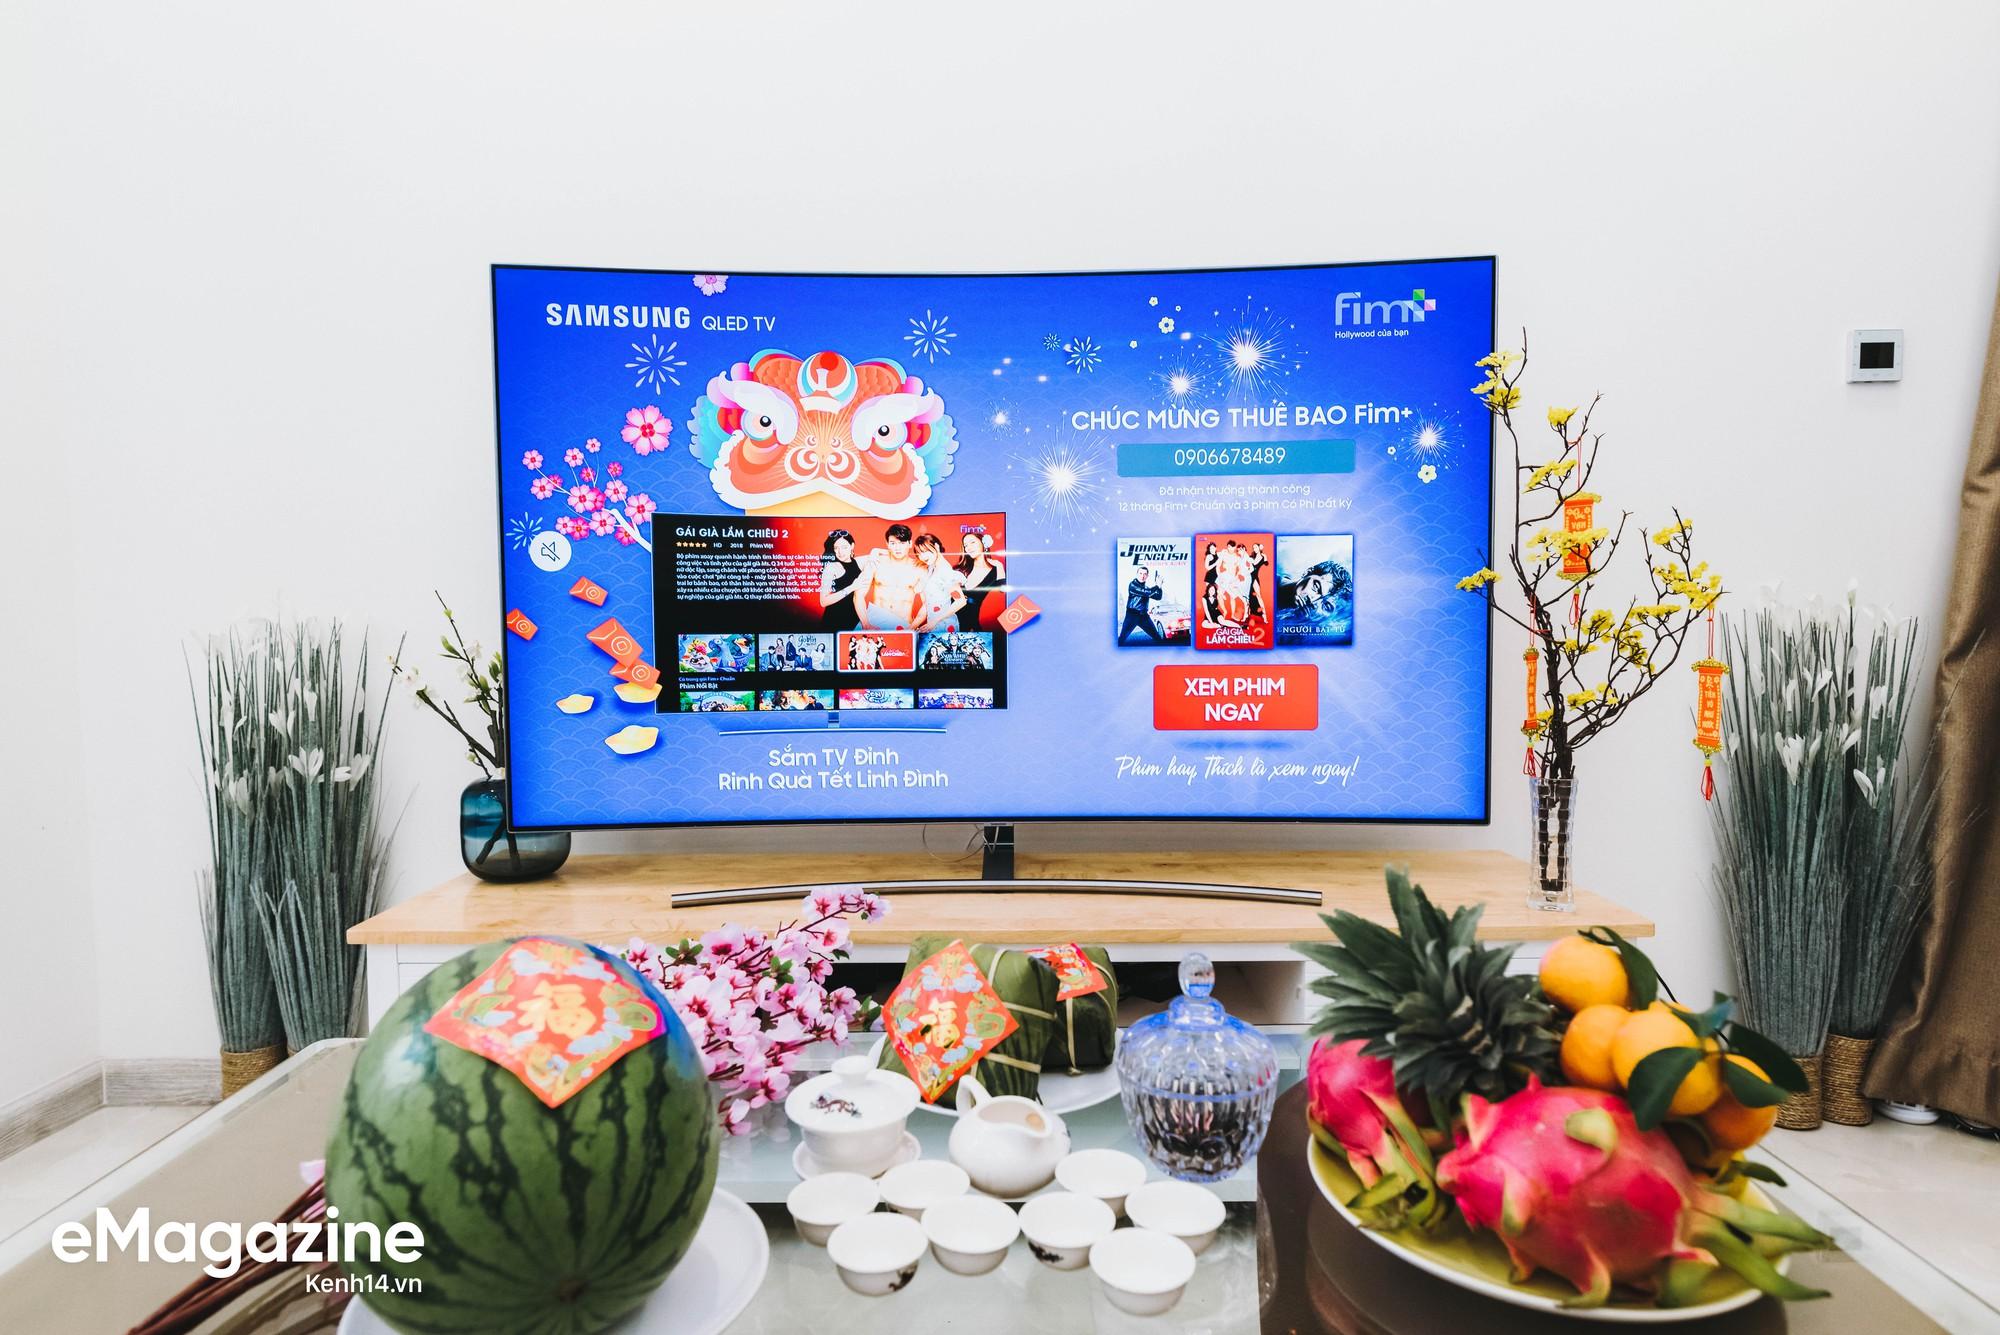 Xem gì trong 9 ngày lễ Tết này, kho ứng dụng trên TV Samsung sẽ giải quyết giúp bạn - Ảnh 11.